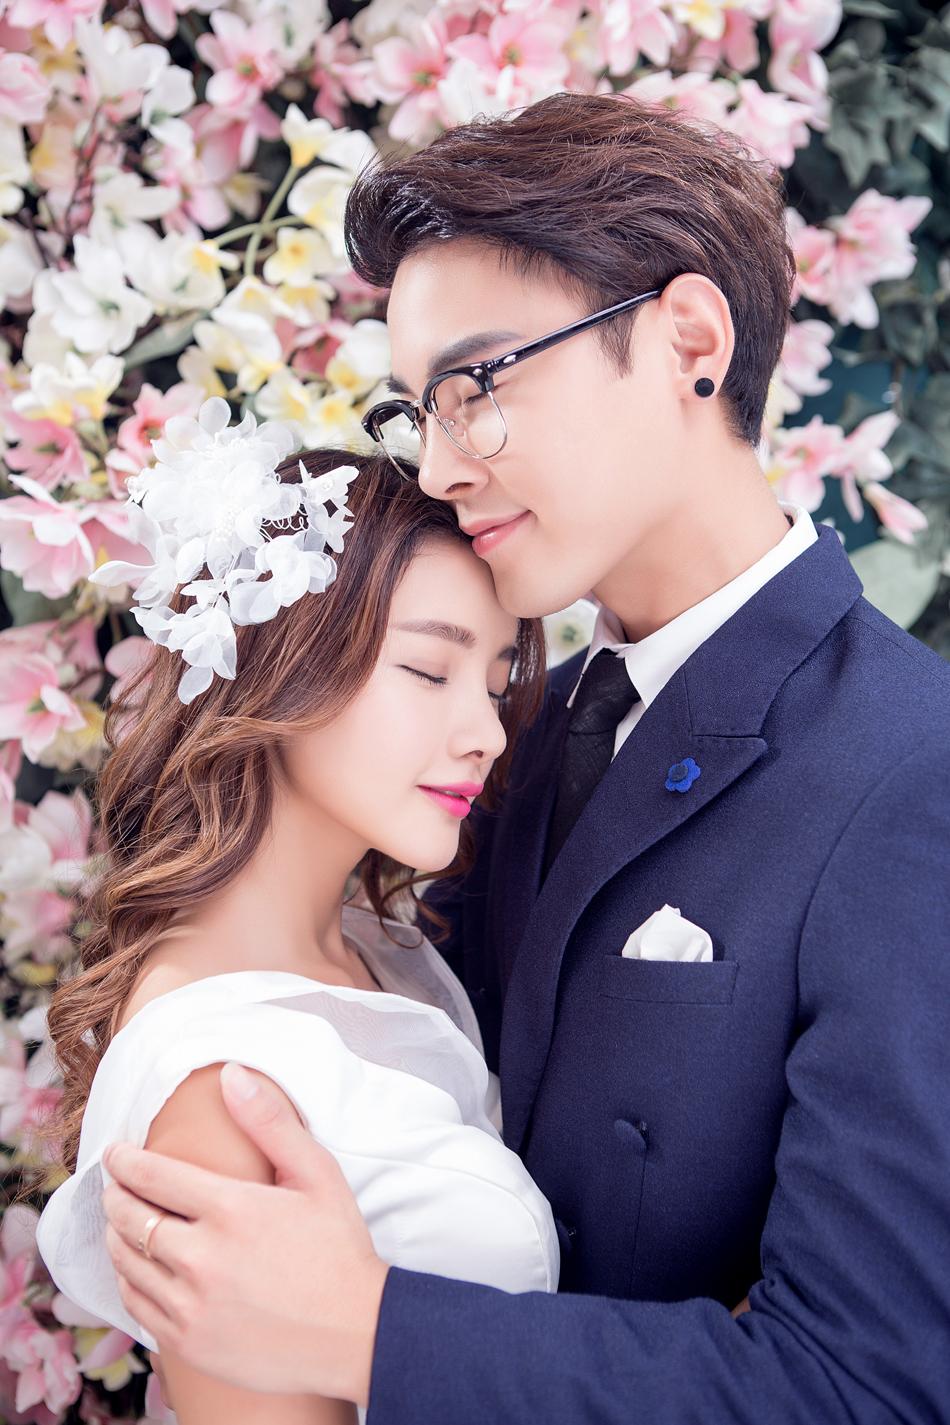 东莞婚纱摄影,东莞好莱坞婚纱摄影,东莞婚纱摄影韩式